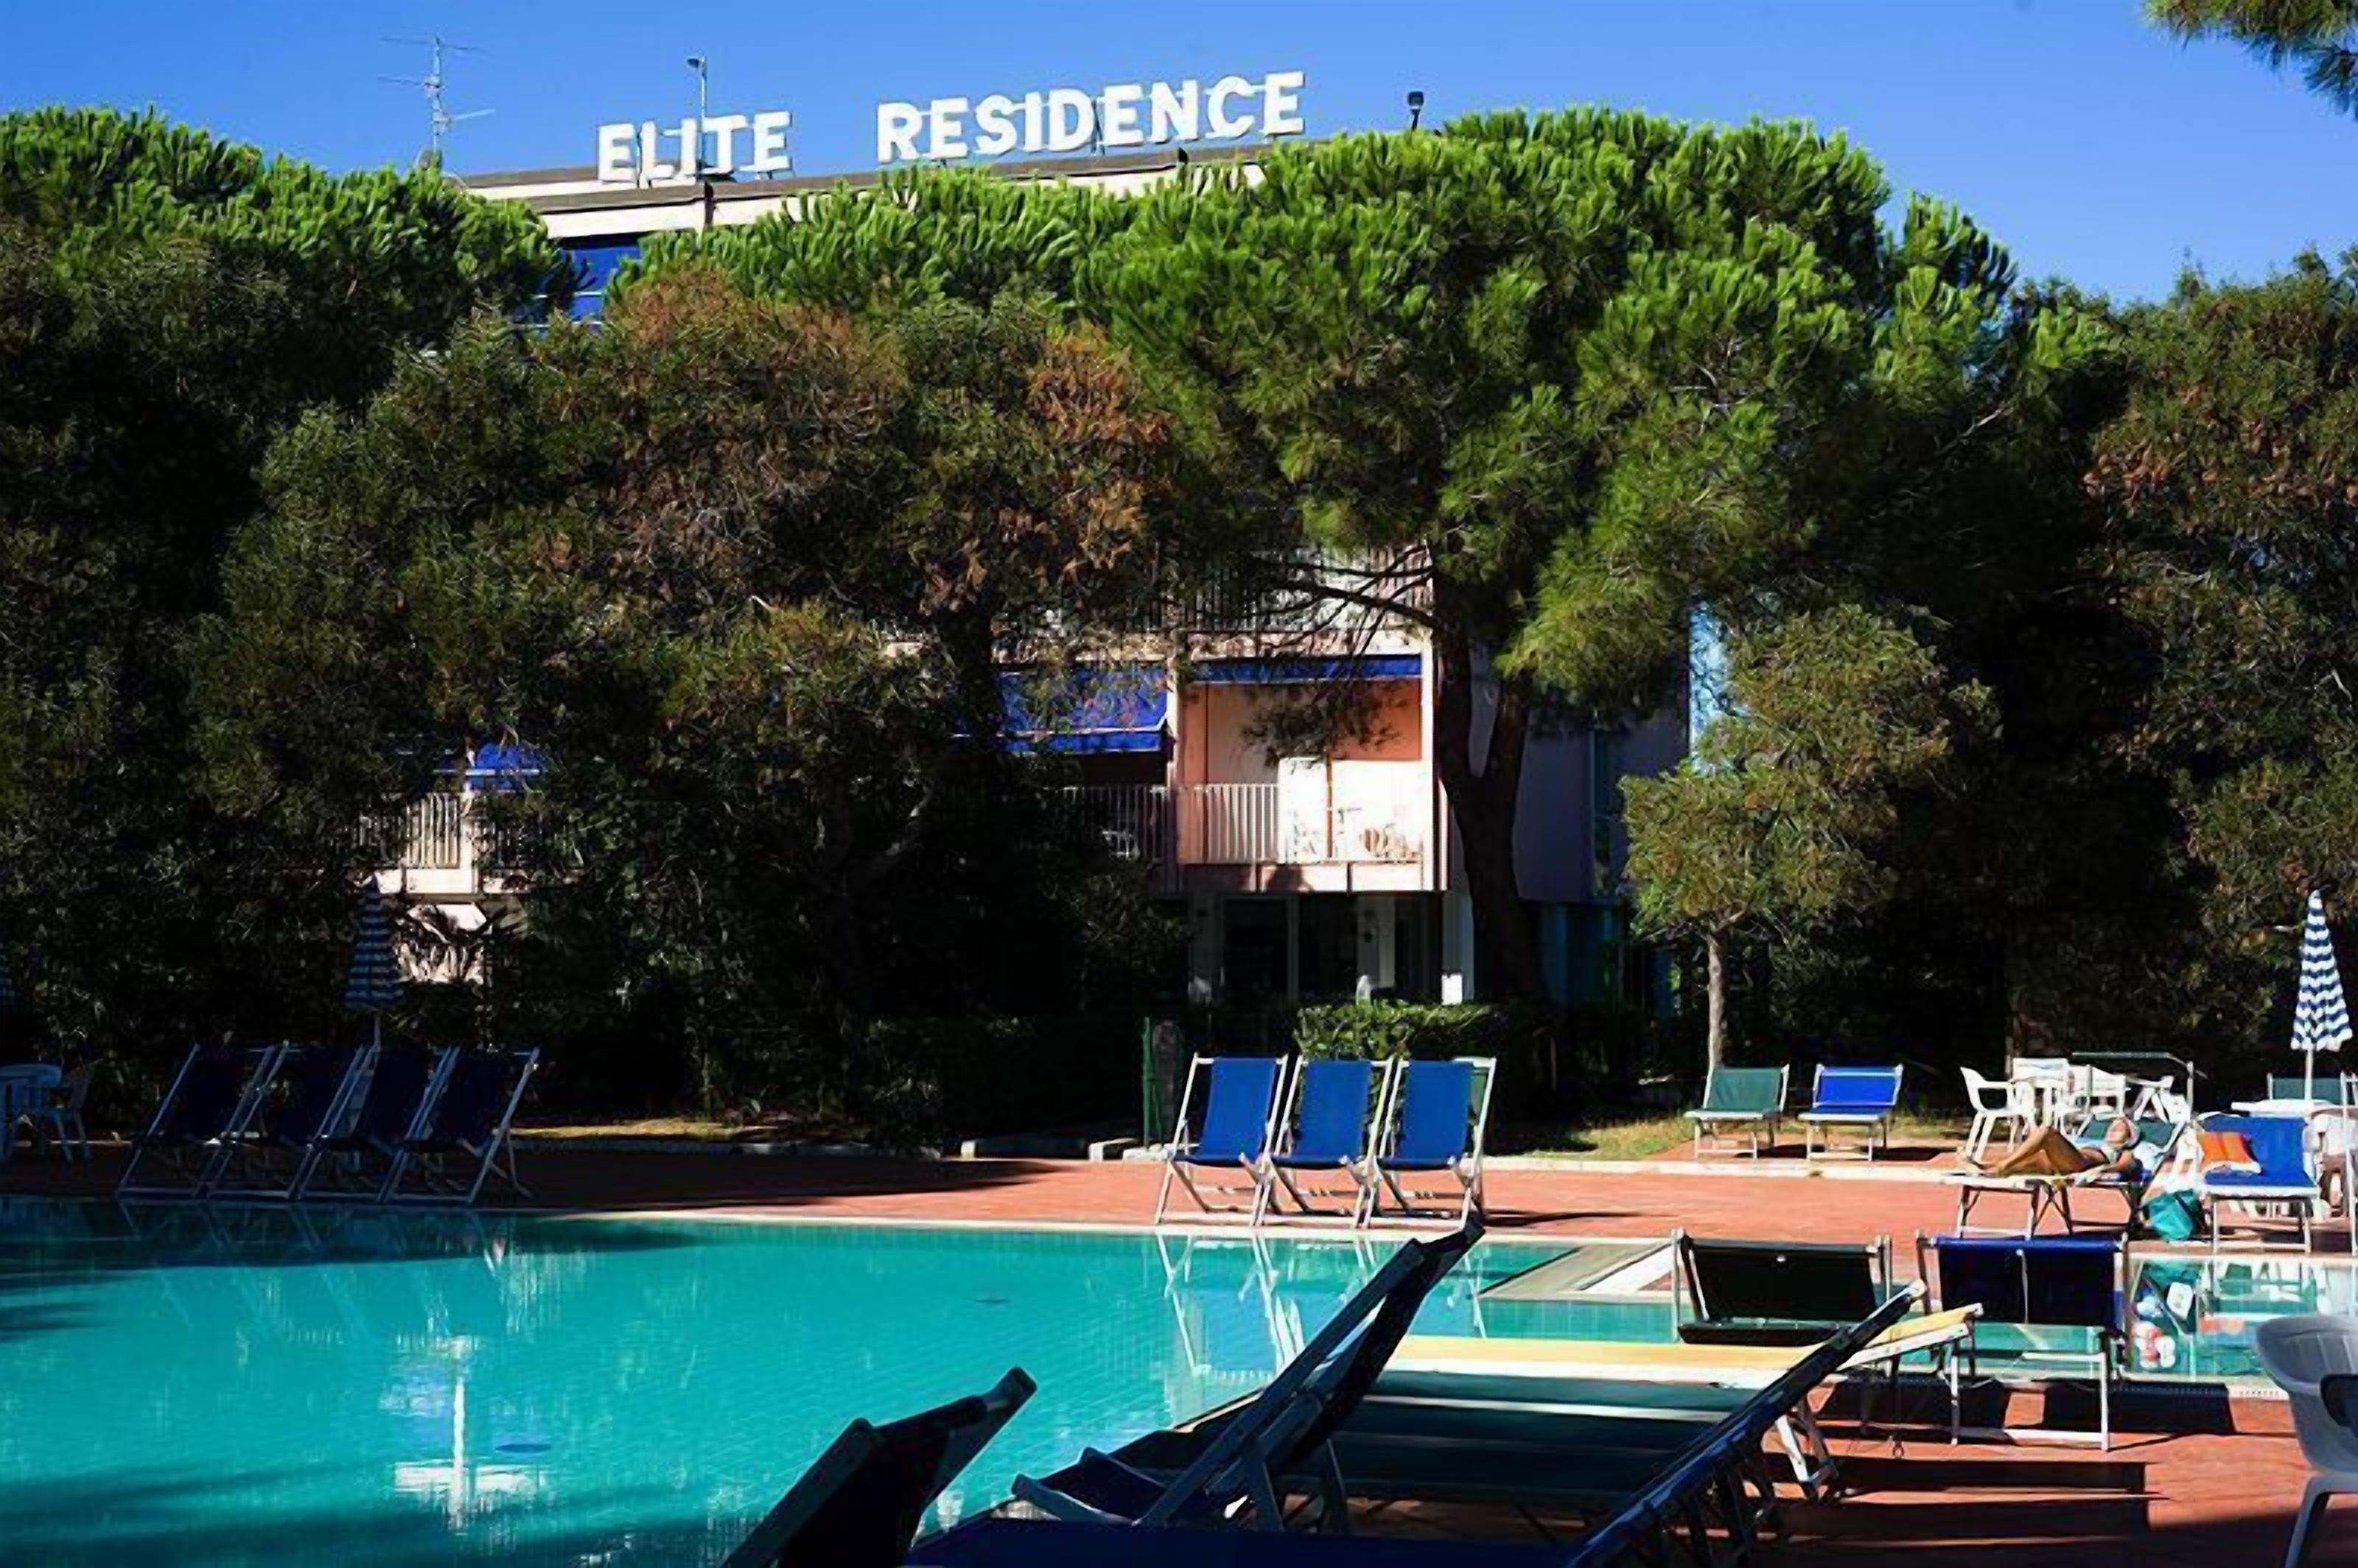 Residence Elite